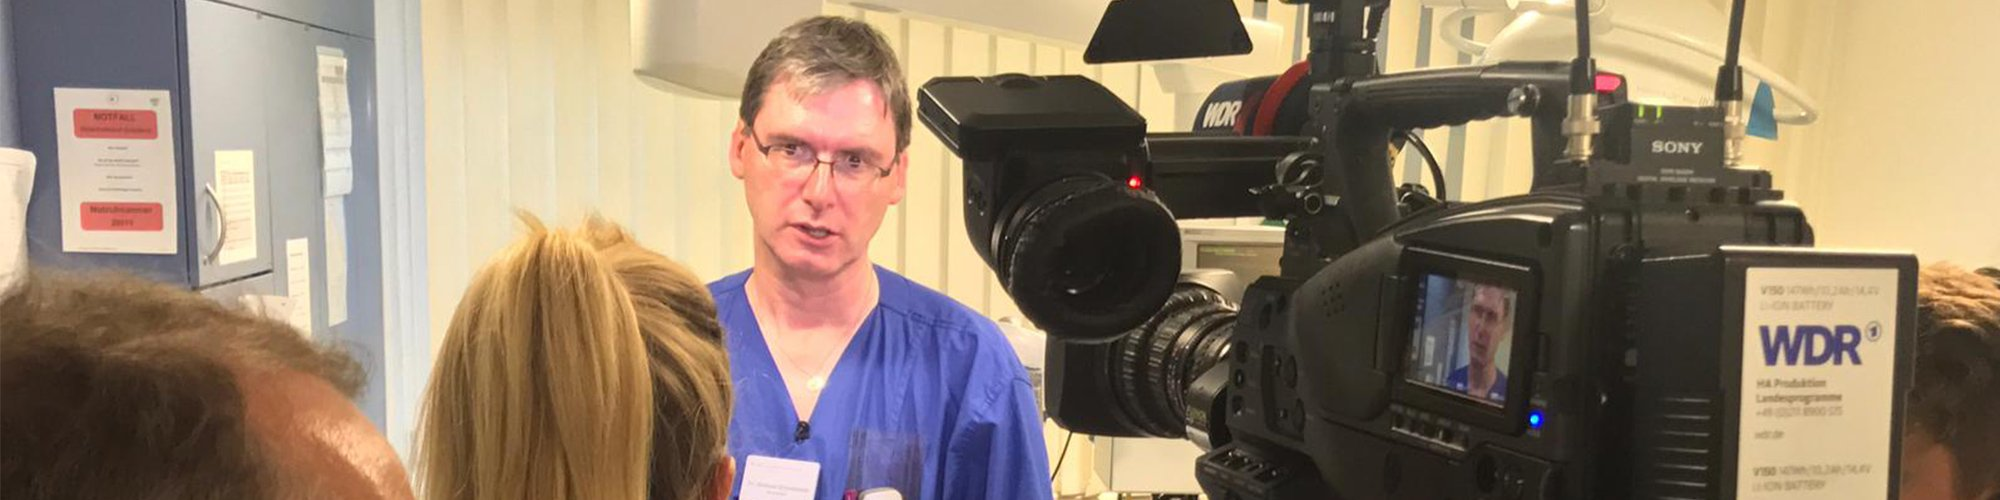 Dr. Grundmeier im WDR Interview